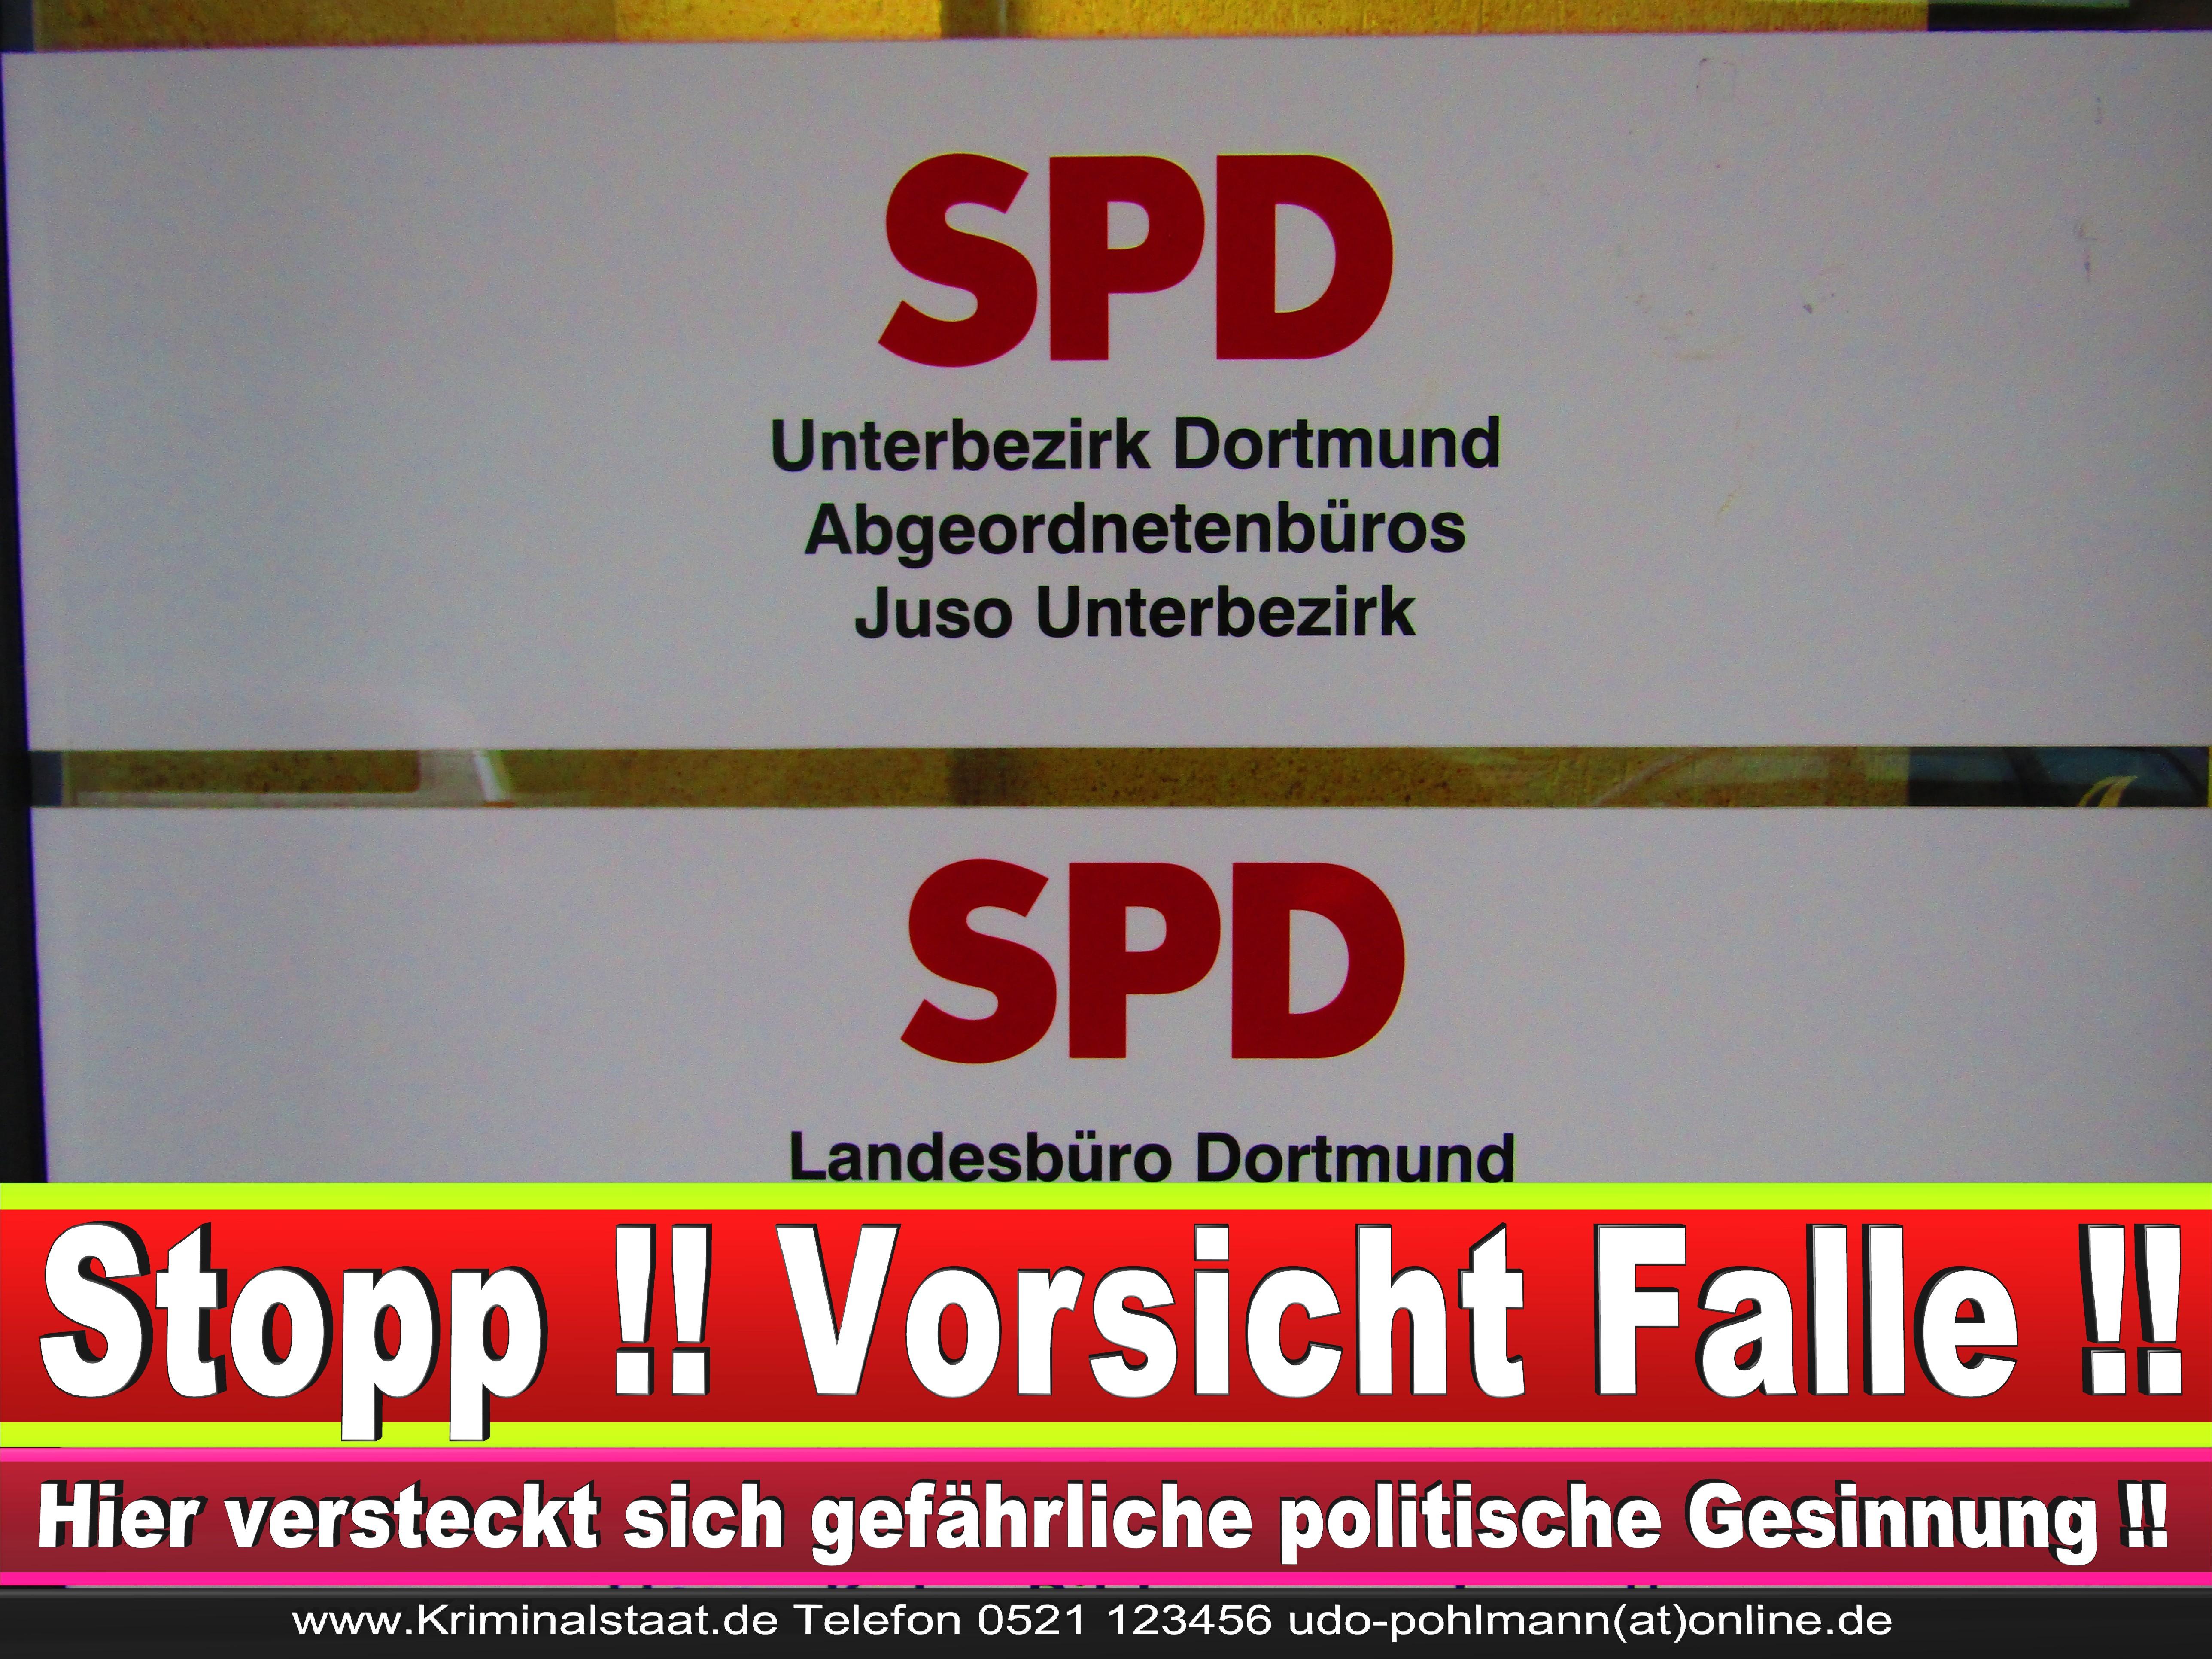 SPD DORTMUND UNTERBEZIRK BüRGERBüRO SPD ORTSVERBAND RAT STADT RATSMITGLIEDER SPD FRAKTION SPD NRW ADRESSE (9) 1